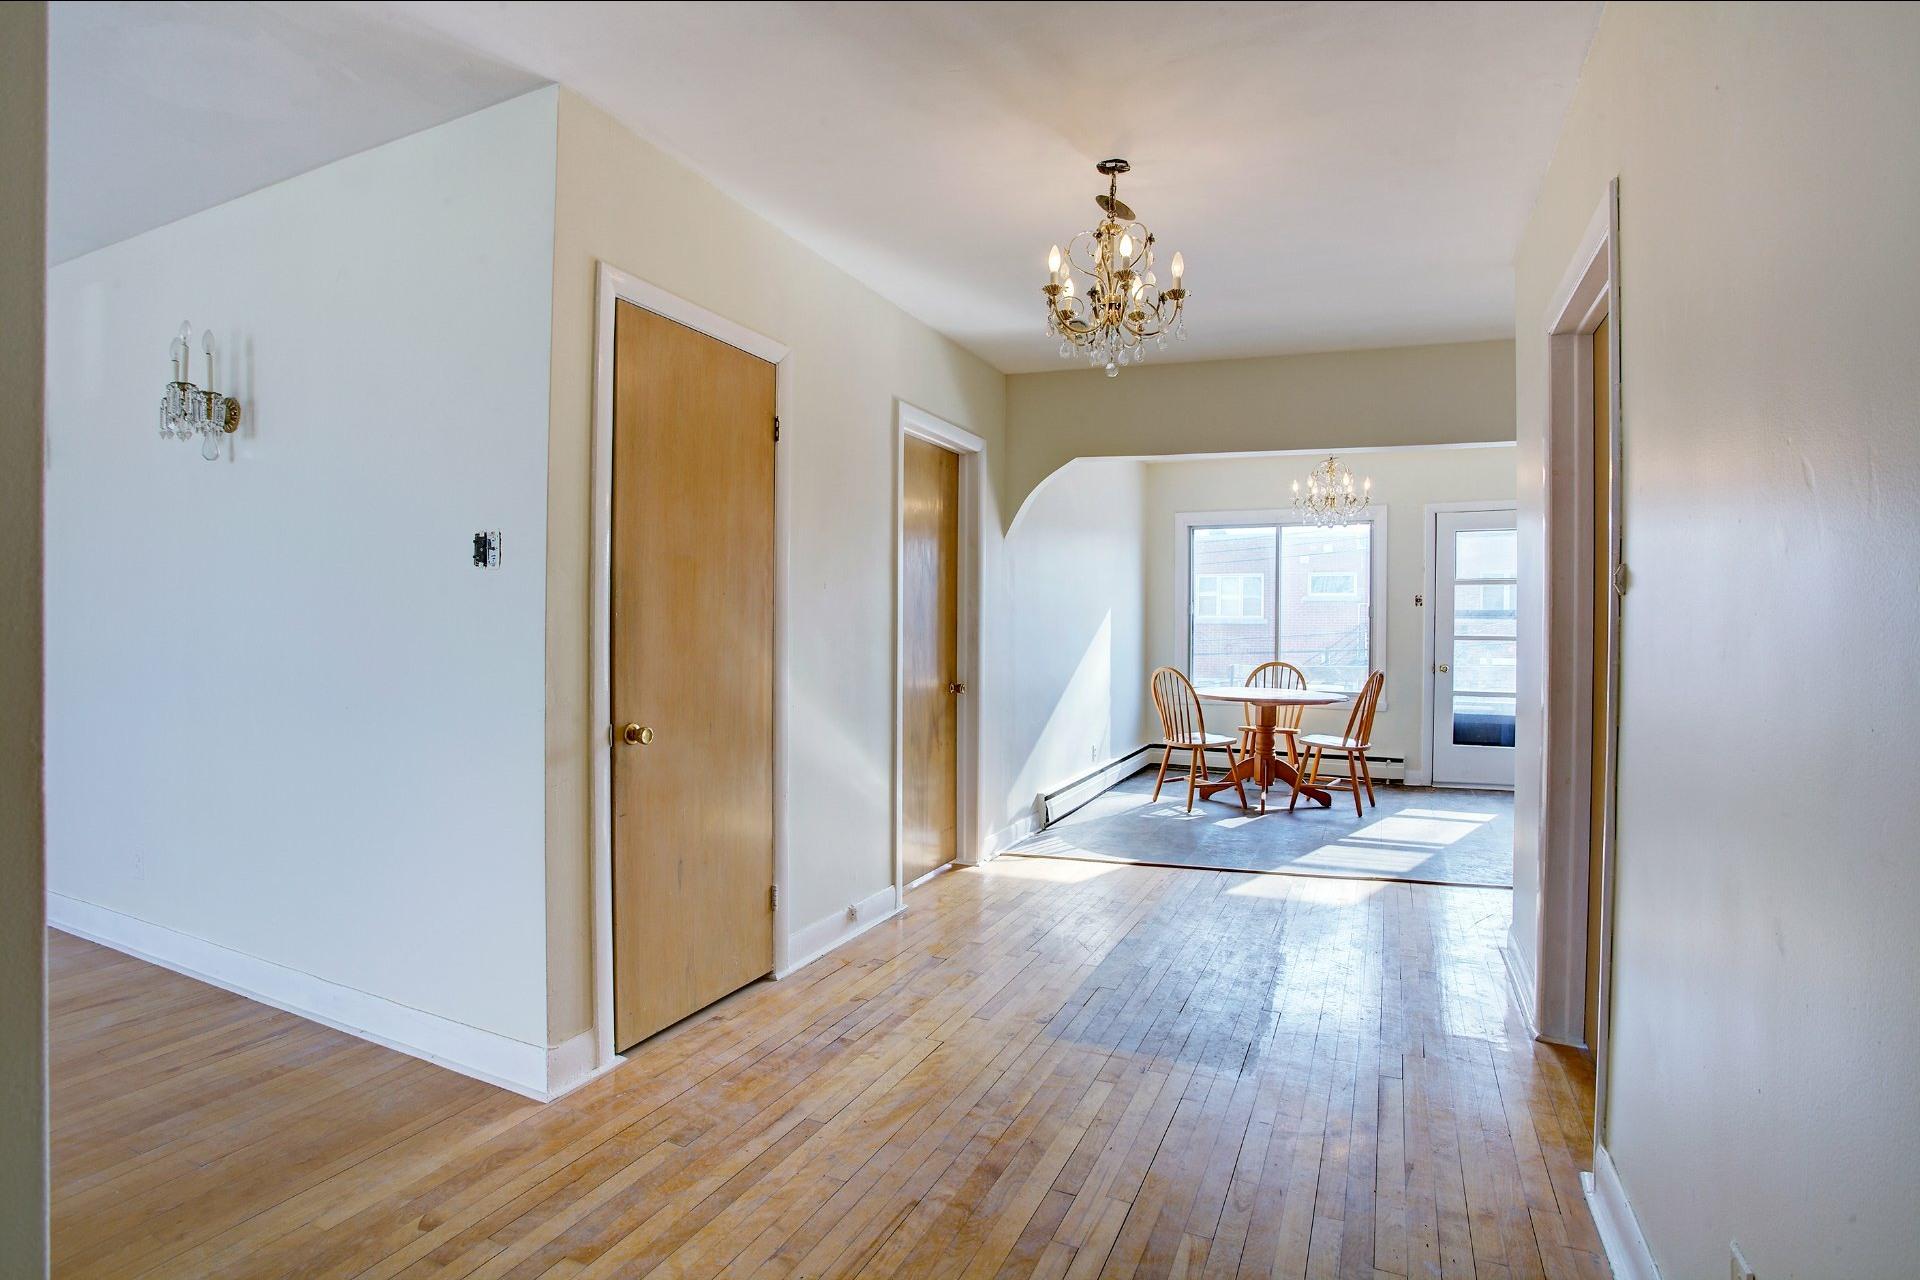 image 4 - Duplex À vendre Saint-Laurent Montréal  - 7 pièces